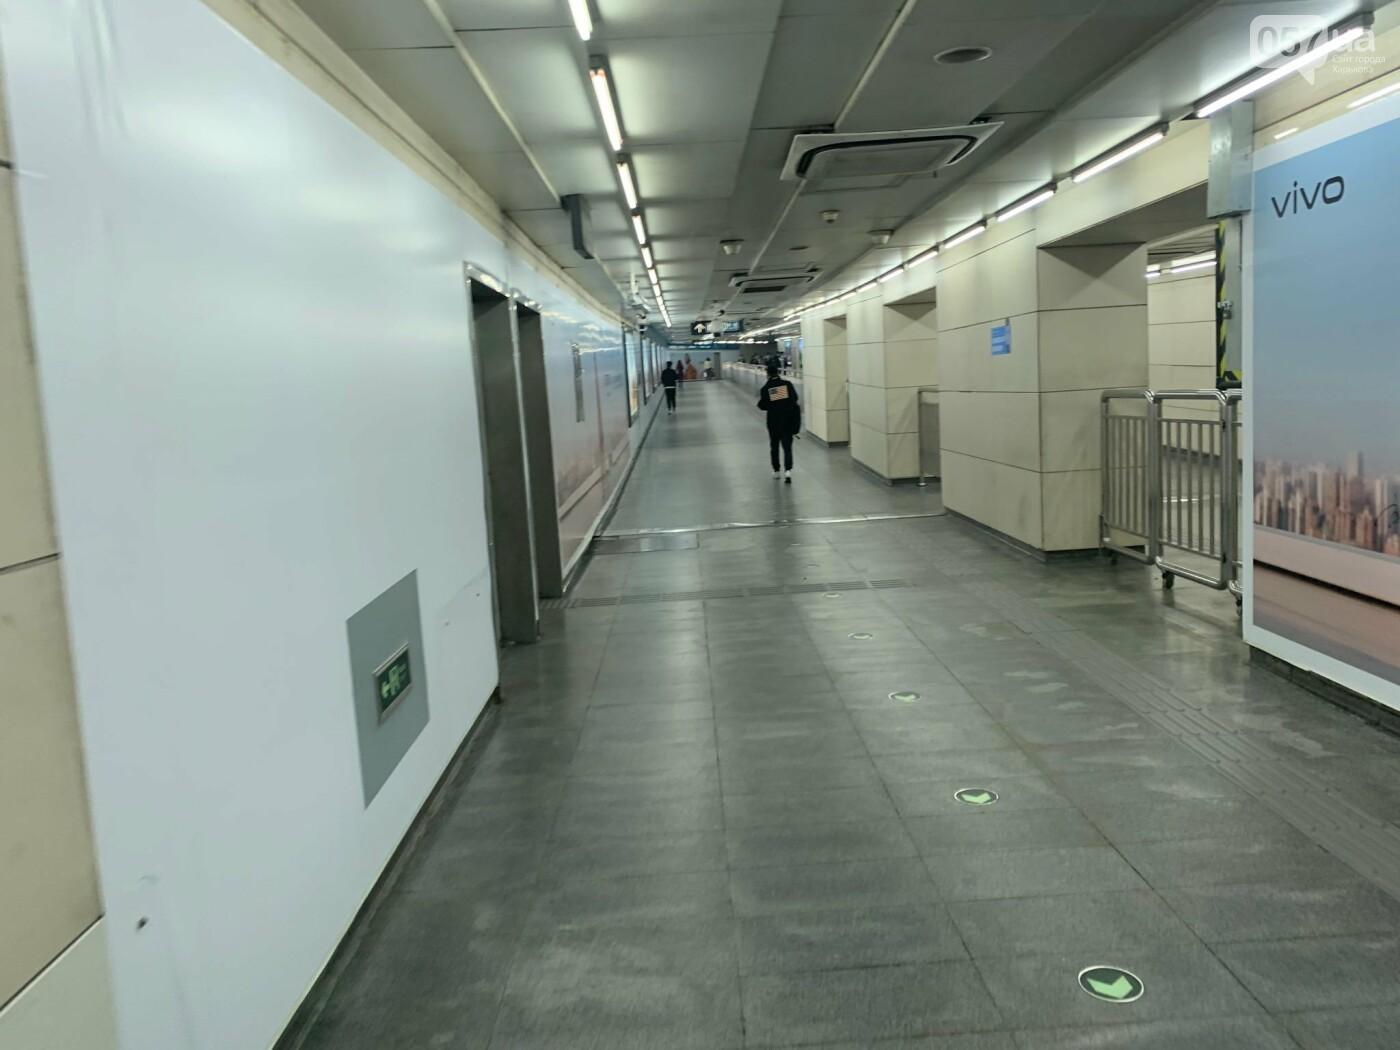 Пустой переход метро. Обычно он полностью забит людьми в любое время